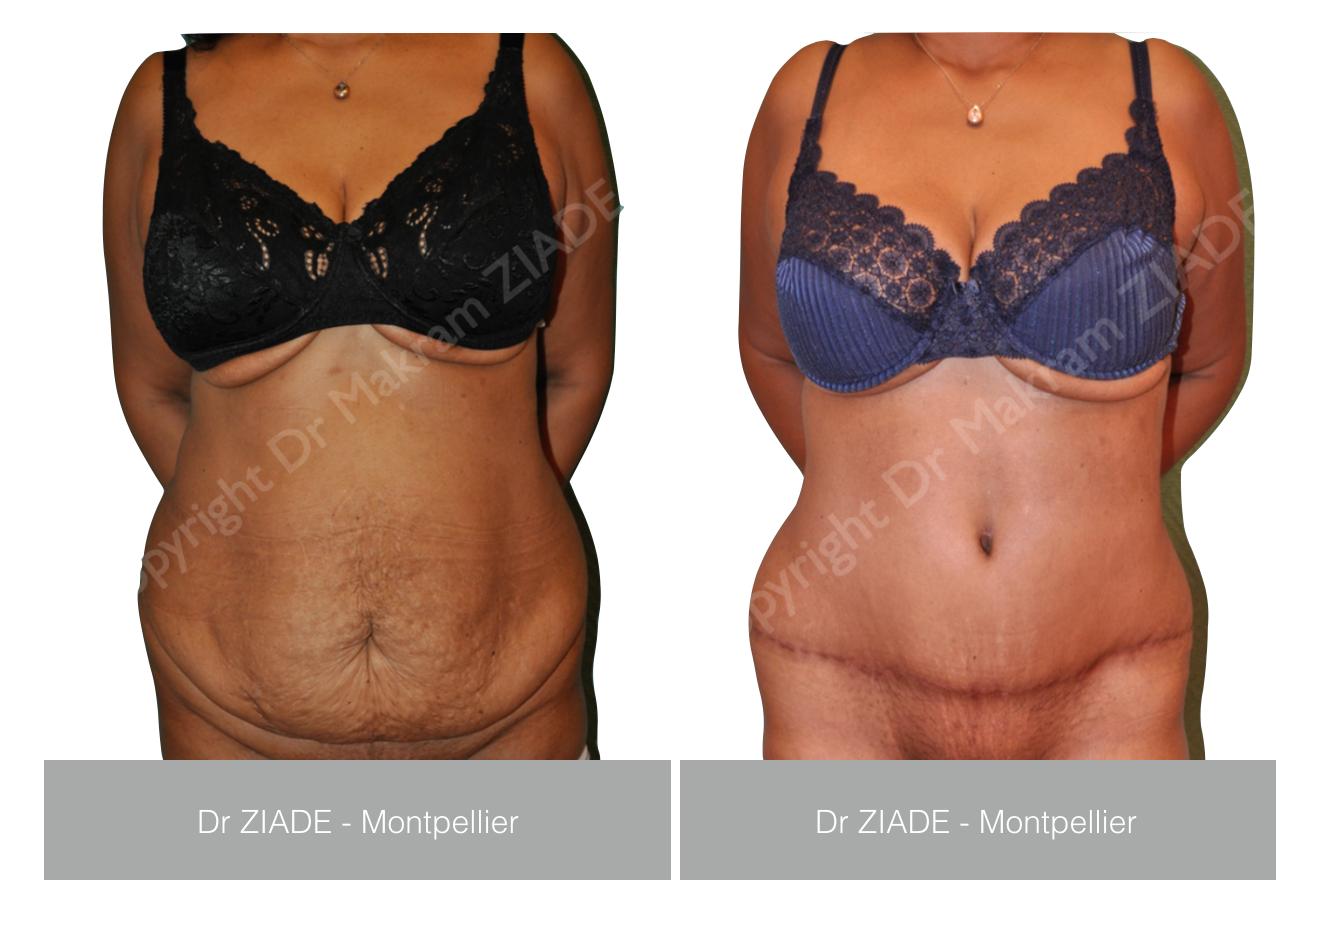 Dr ZIADE - Abdominoplastie Montpellier